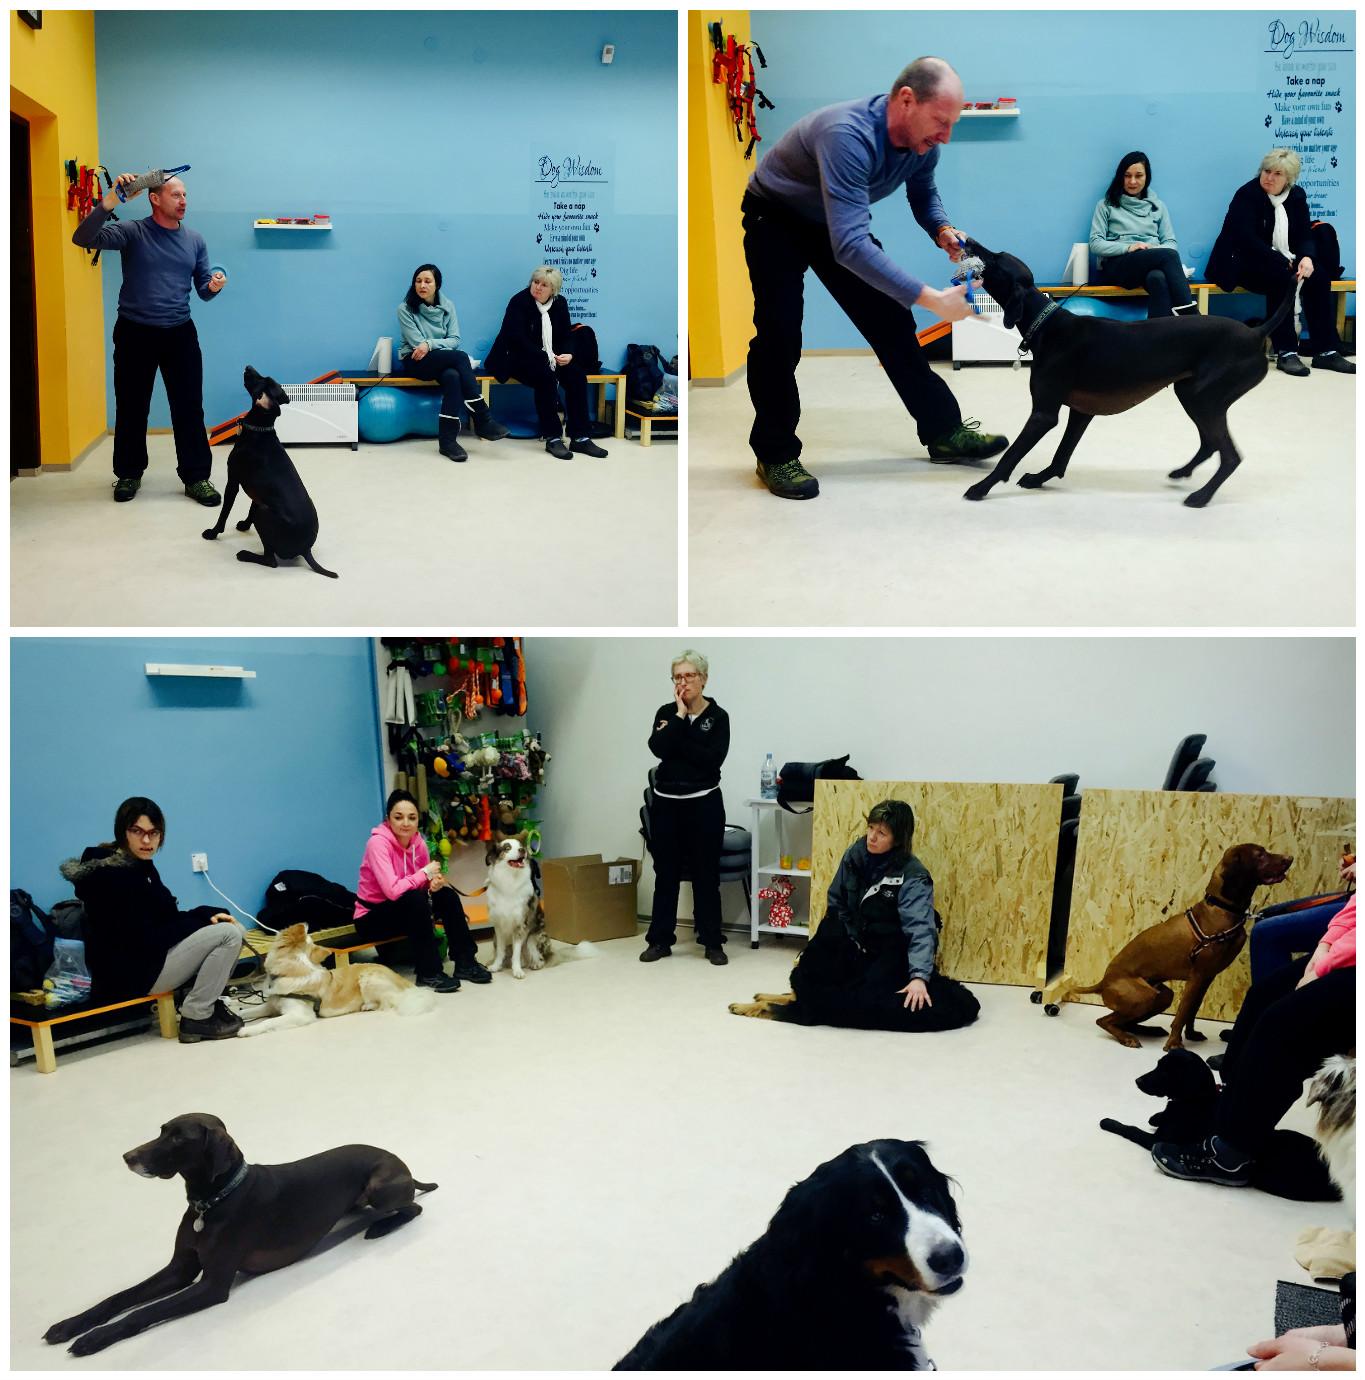 Igra vodnik in pes – nadzirana in pravilna igra -  Pasja šola je vir pozitivnih izkušenj!